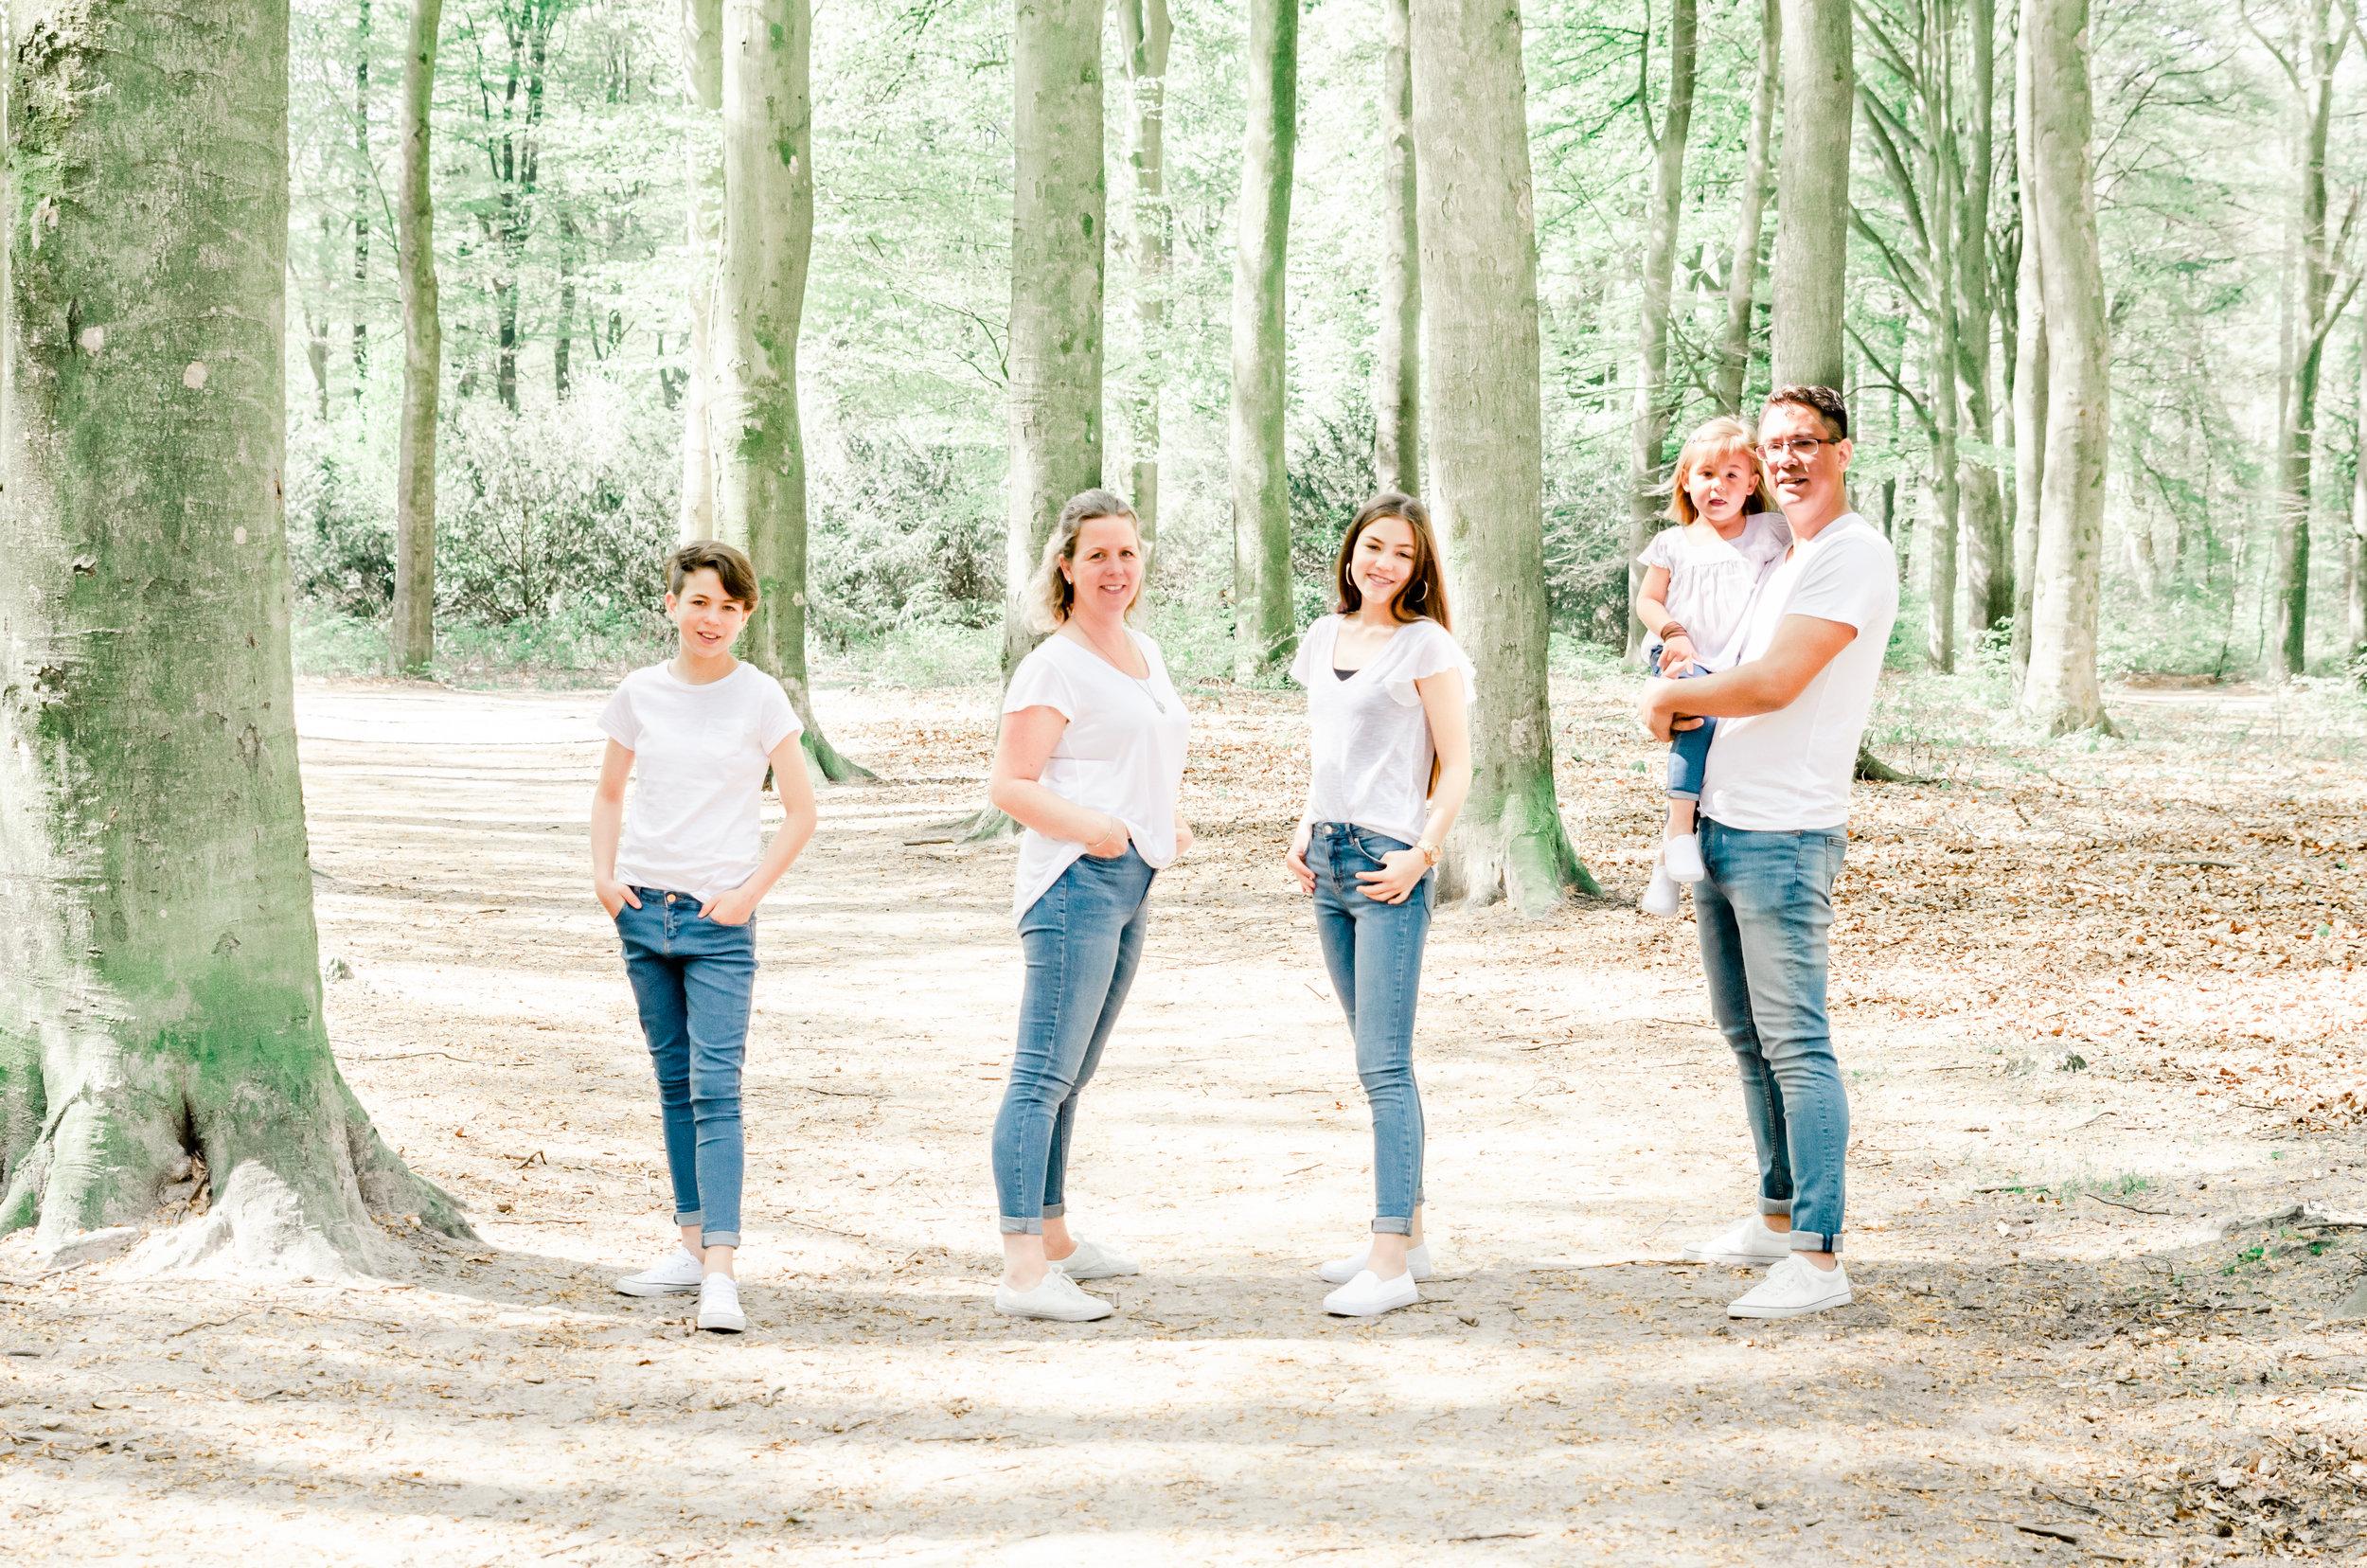 foto van gezin laten maken | gezinsfotograaf